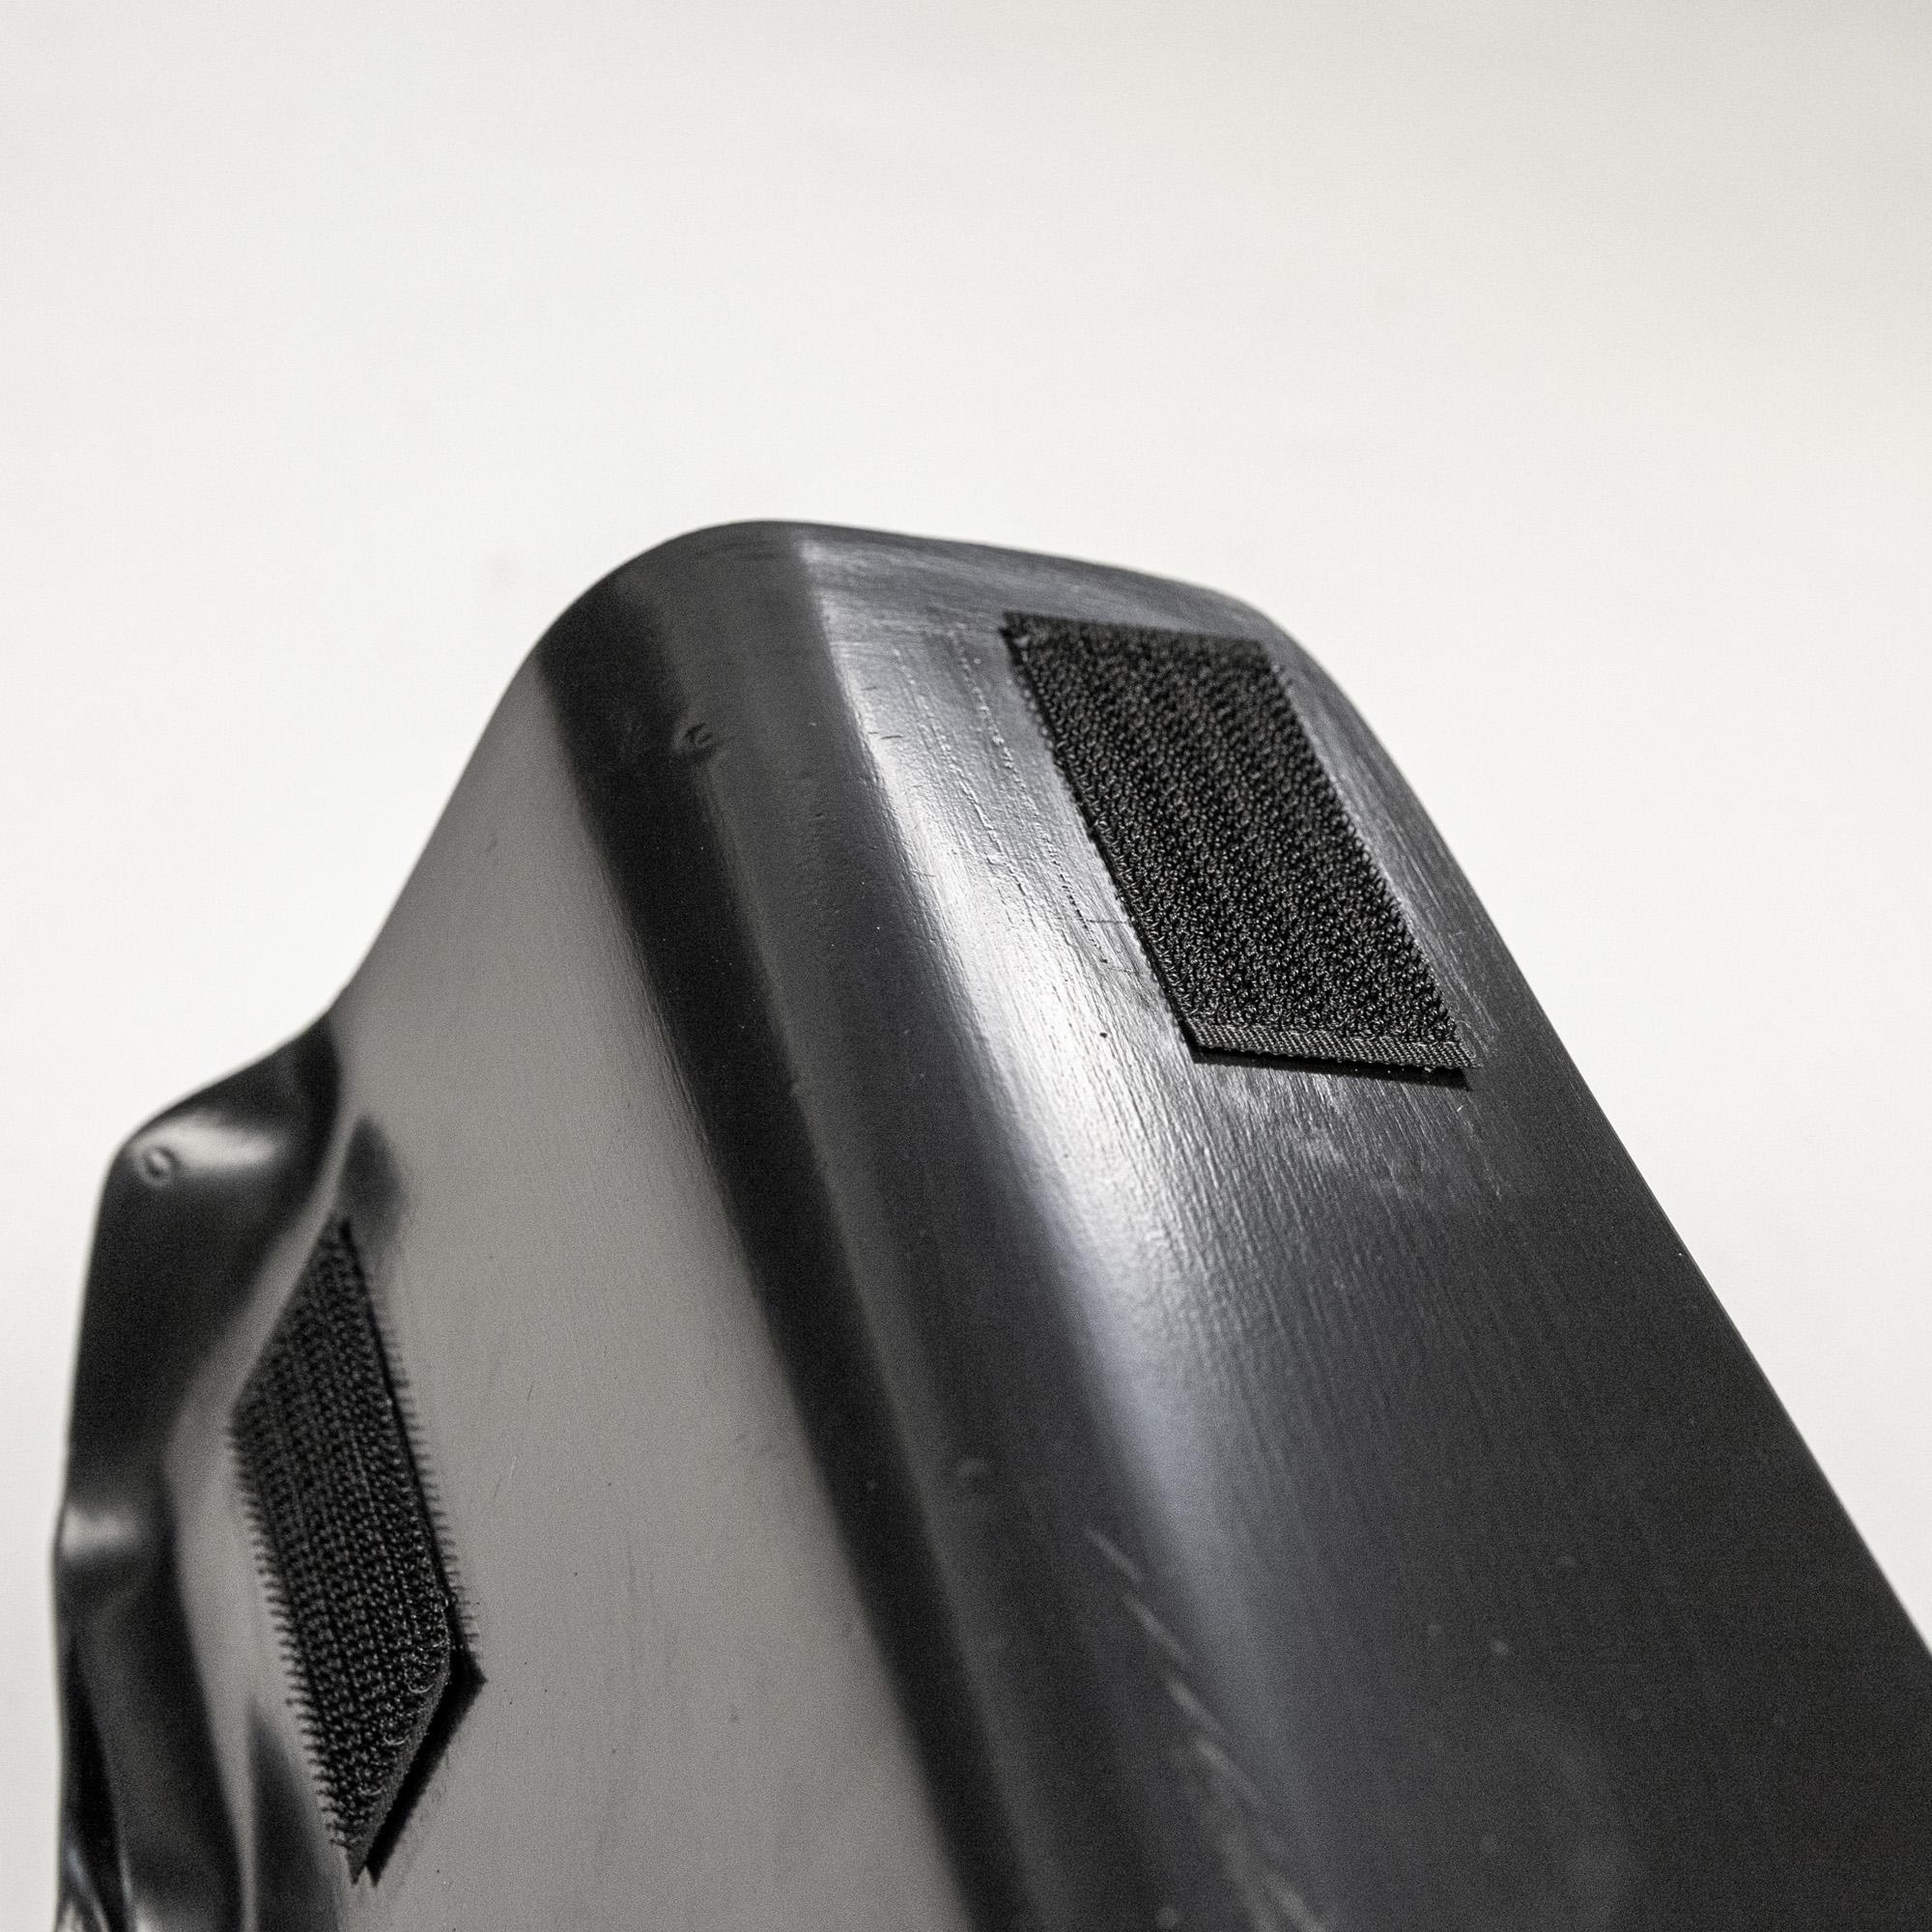 накладки задние Дастер2 3